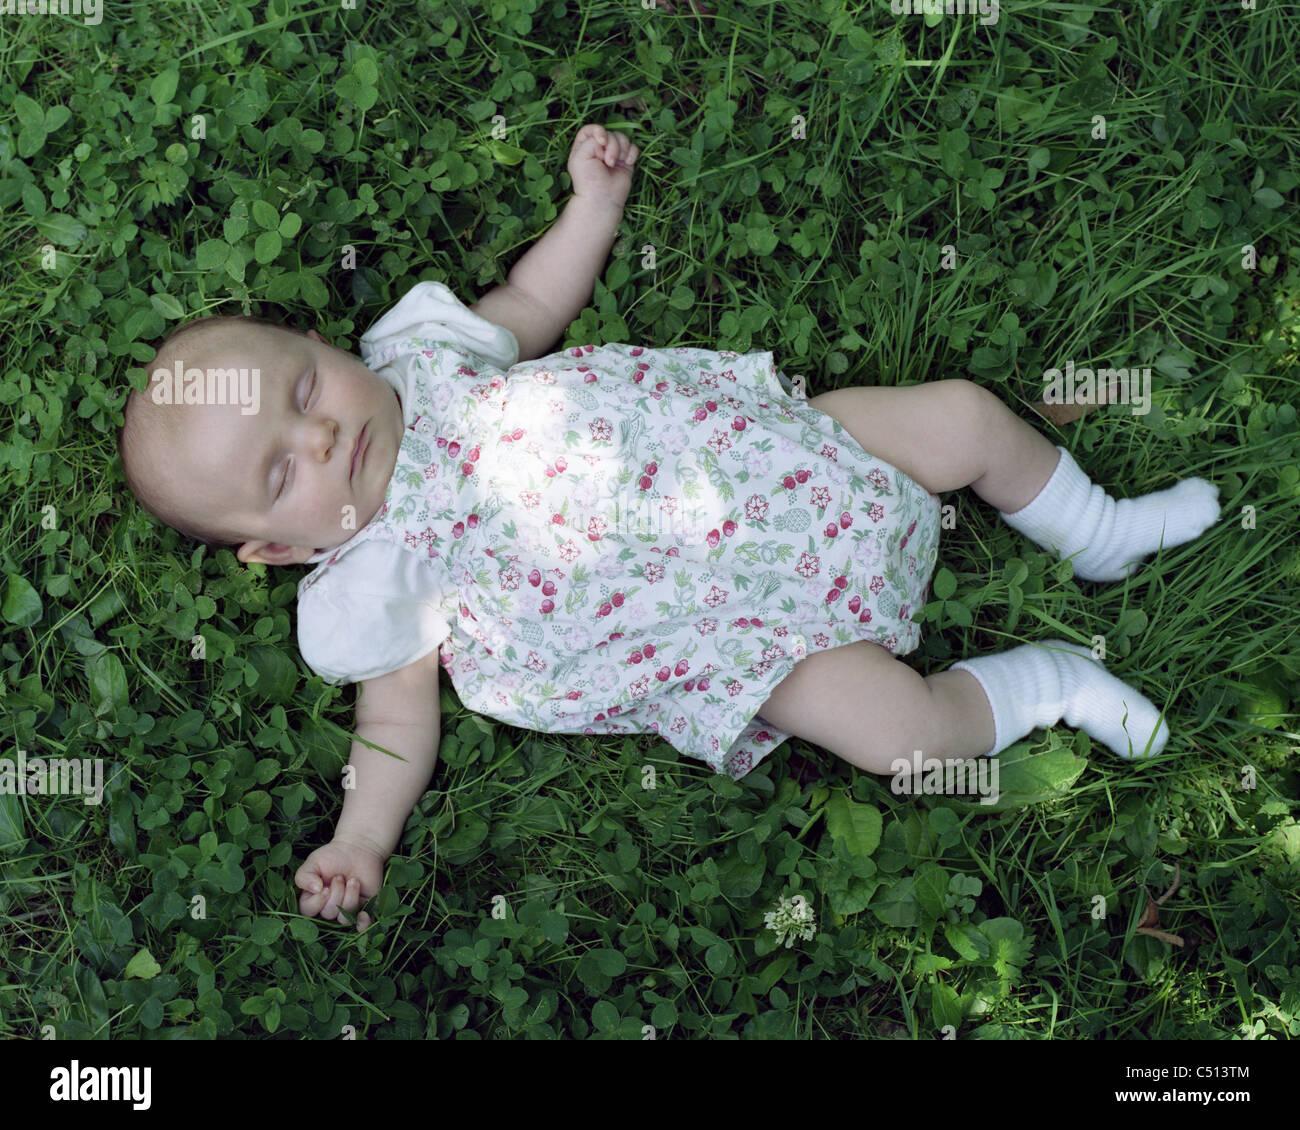 Bebe Durmiendo sobre el césped Imagen De Stock